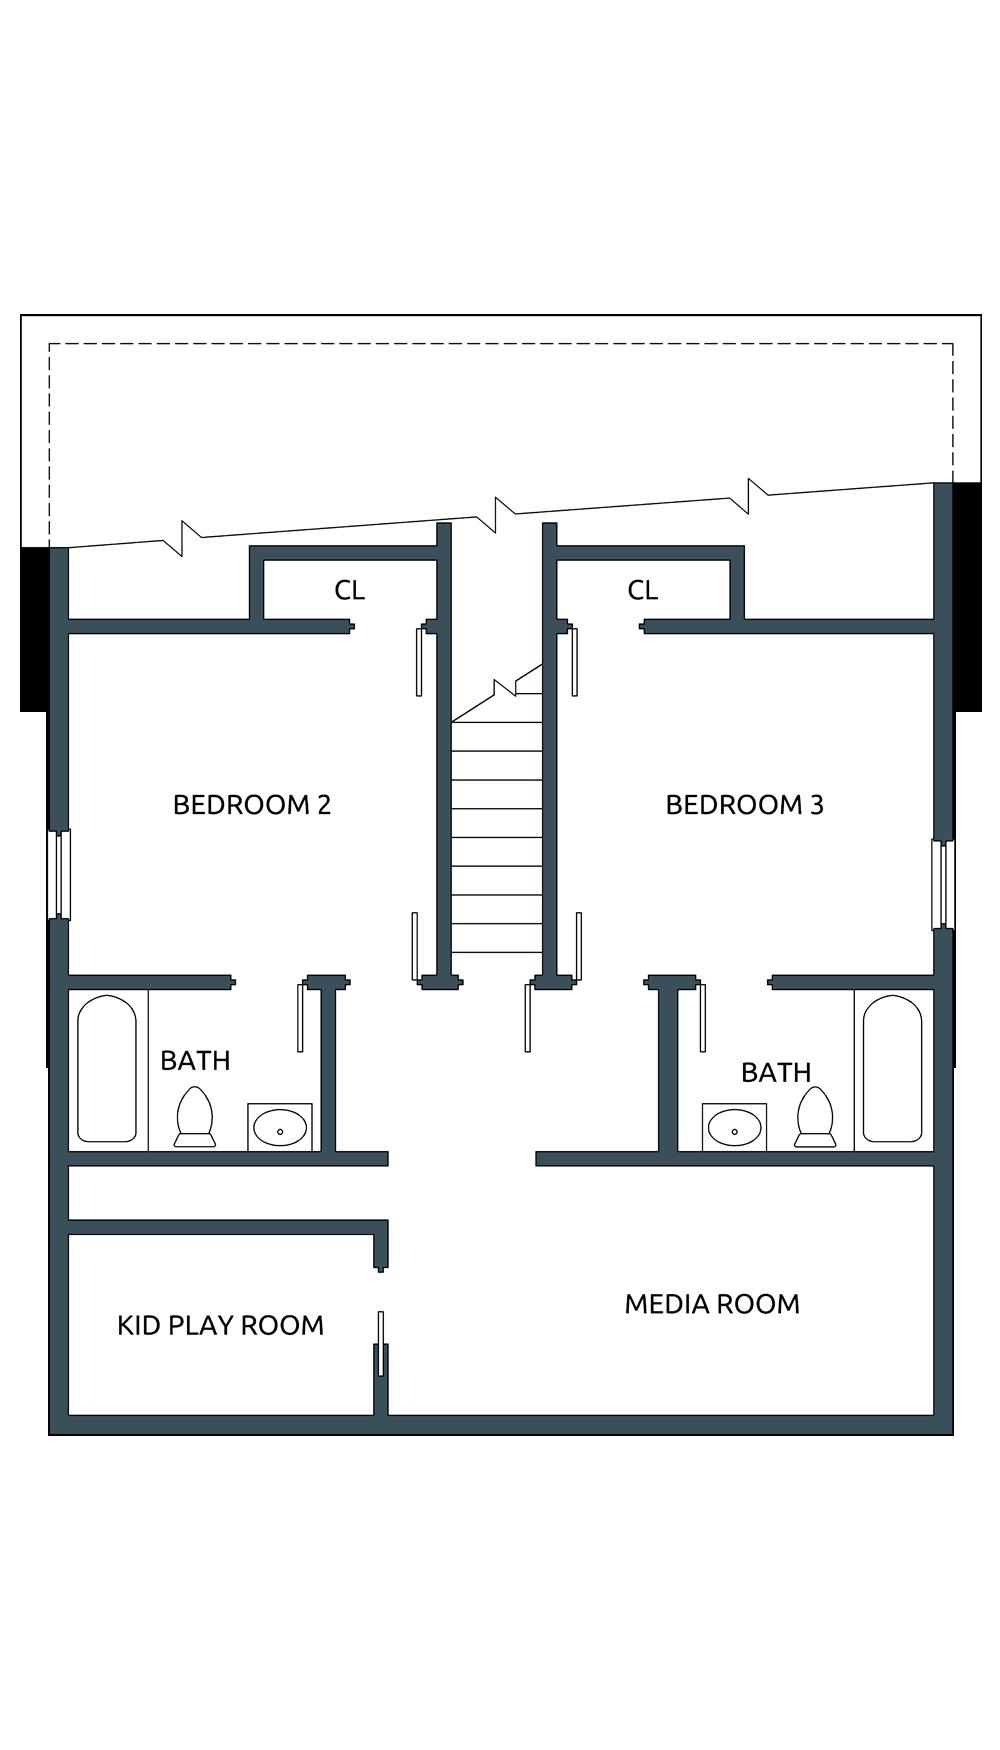 Escape Room Marketing Plan